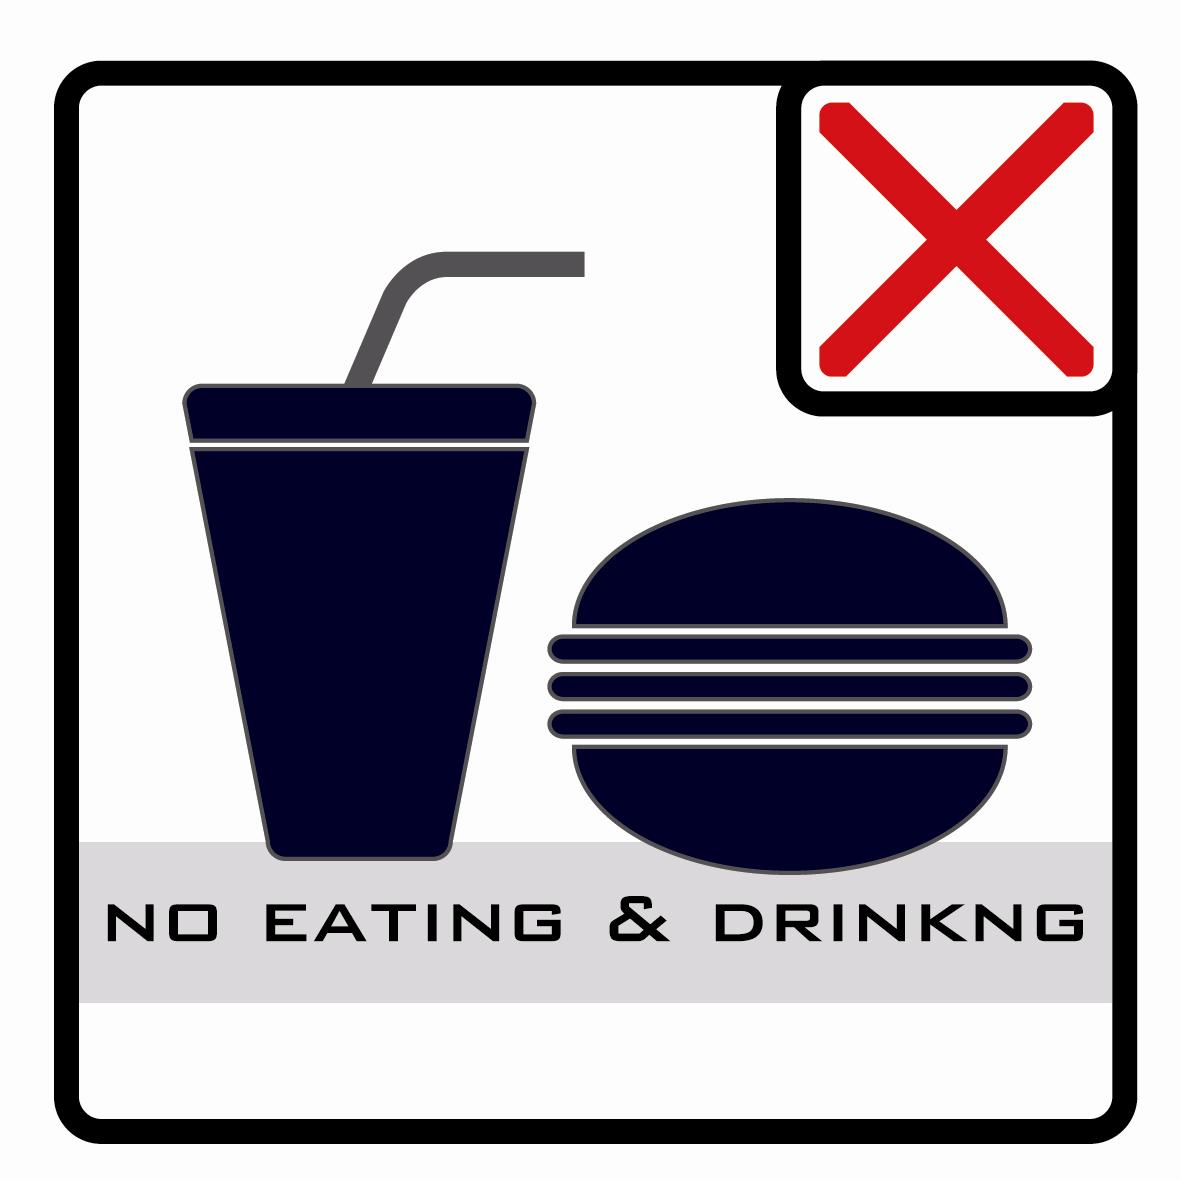 【icon】禁止飲食